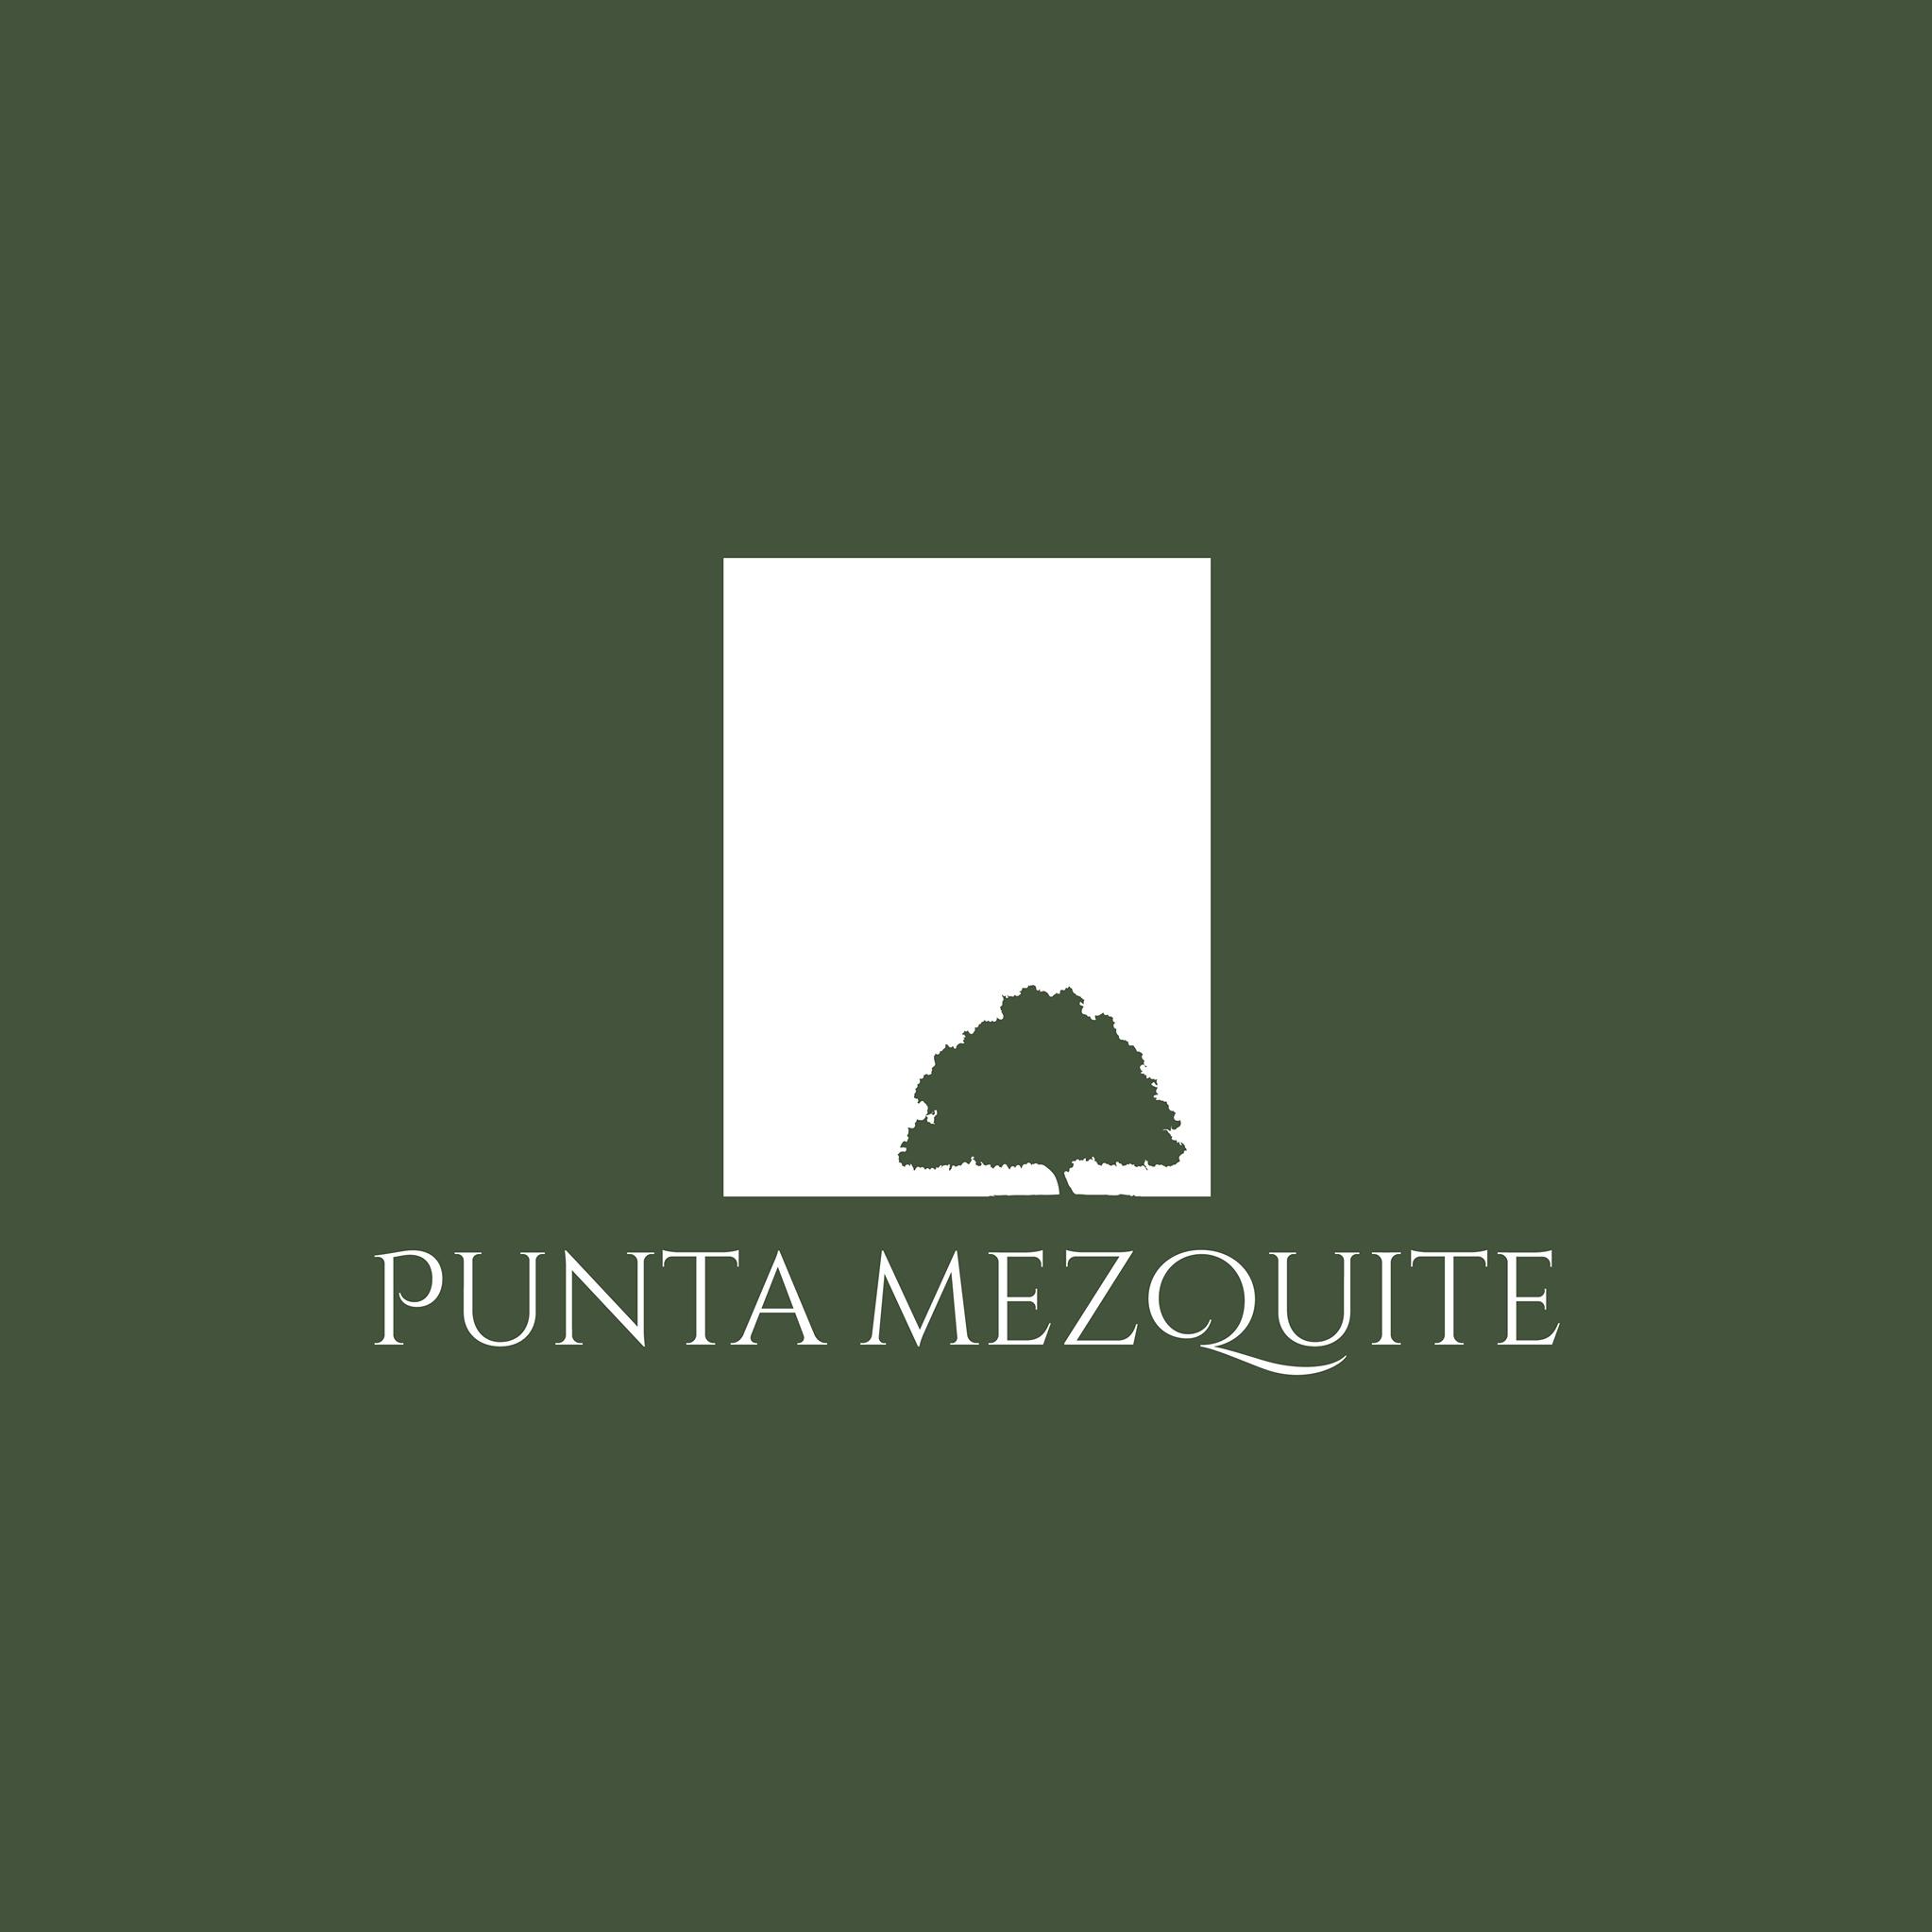 Punta Mezquite